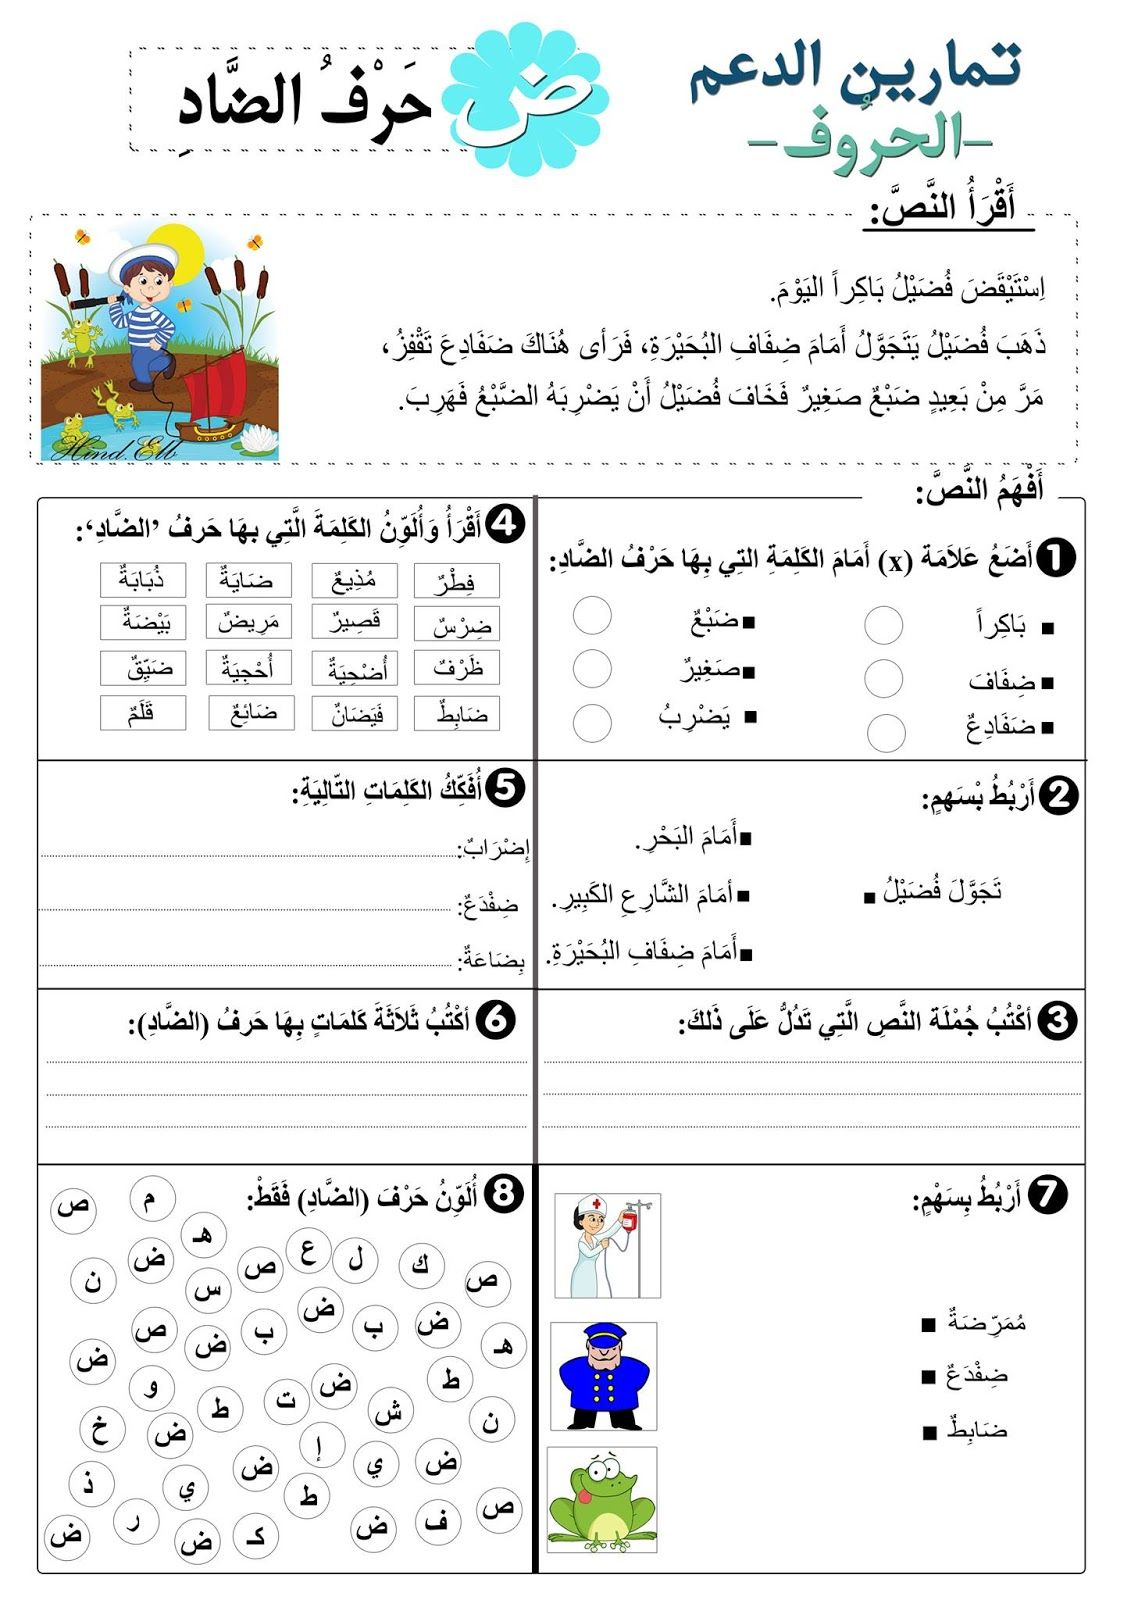 سلسلة تمارين الد عم في الحروف للسنة الأولى ابتدائي Learn Arabic Alphabet Arabic Alphabet For Kids Arabic Lessons